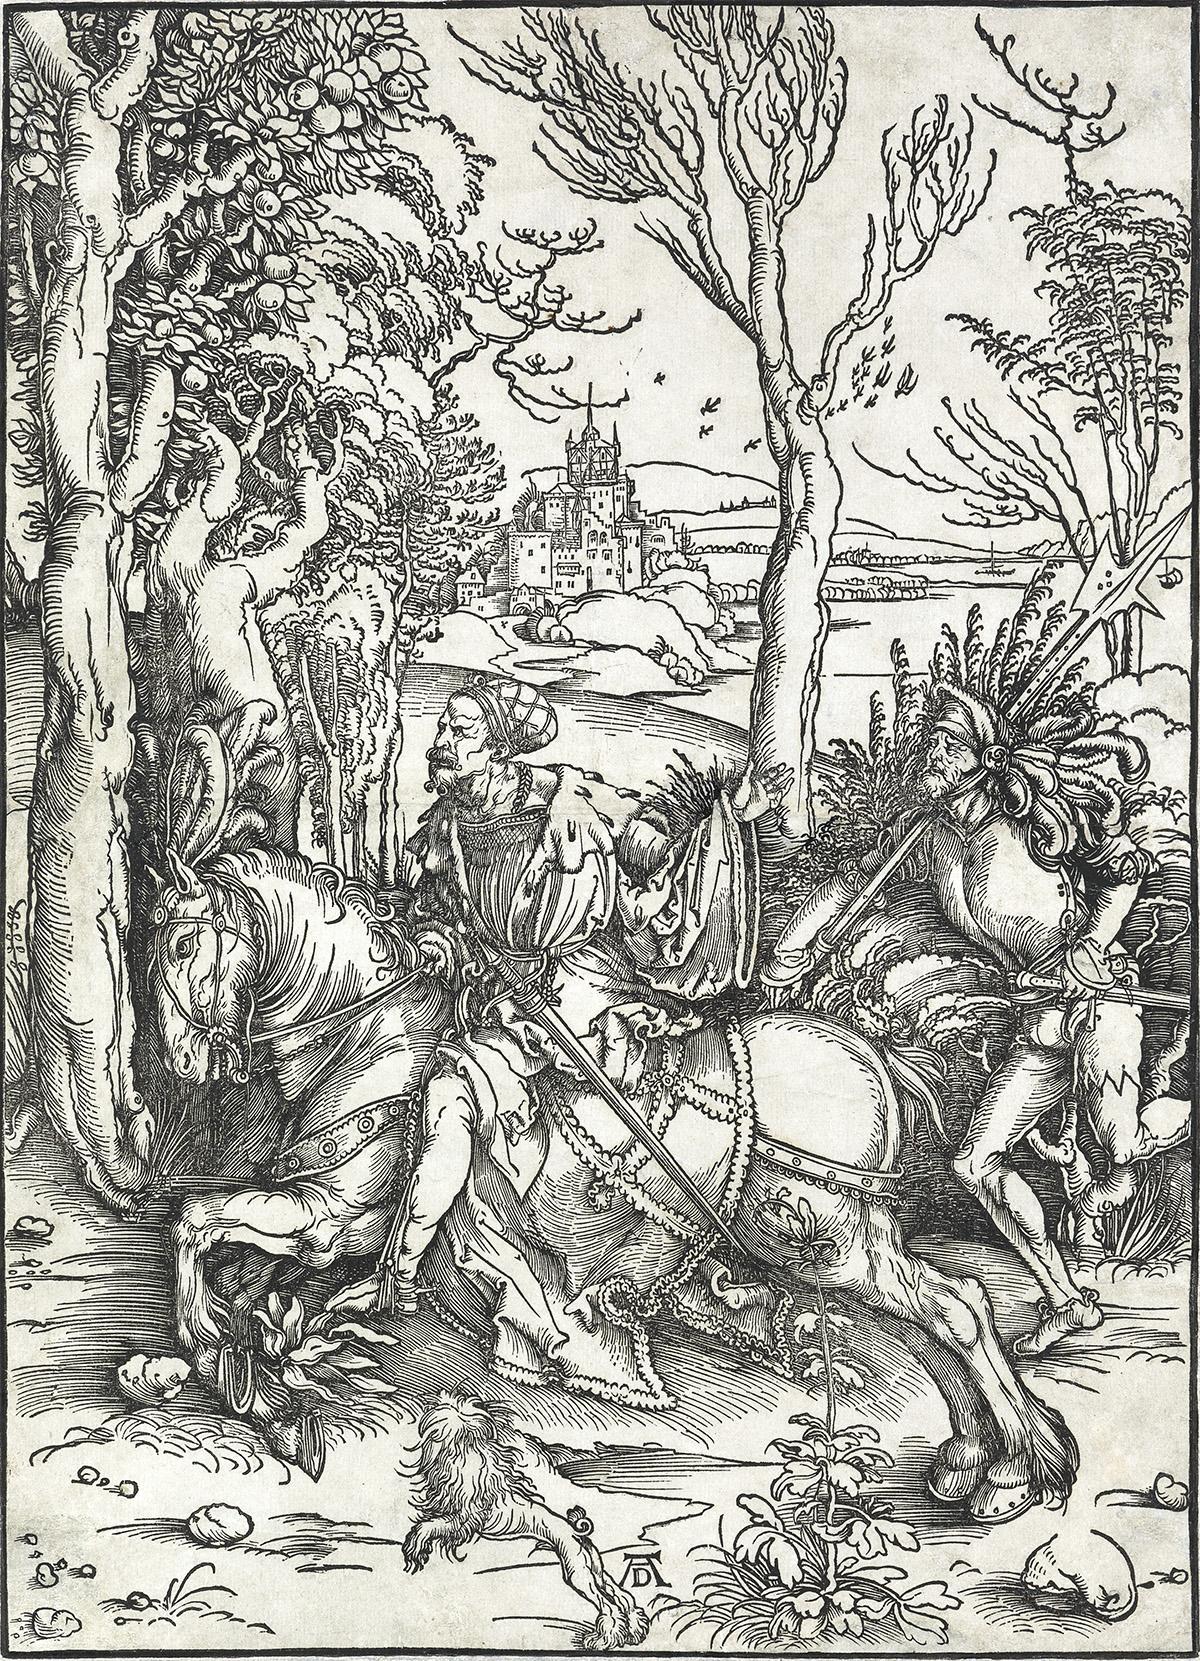 ALBRECHT-DÜRER-A-Knight-on-Horseback-and-the-Lansquenet